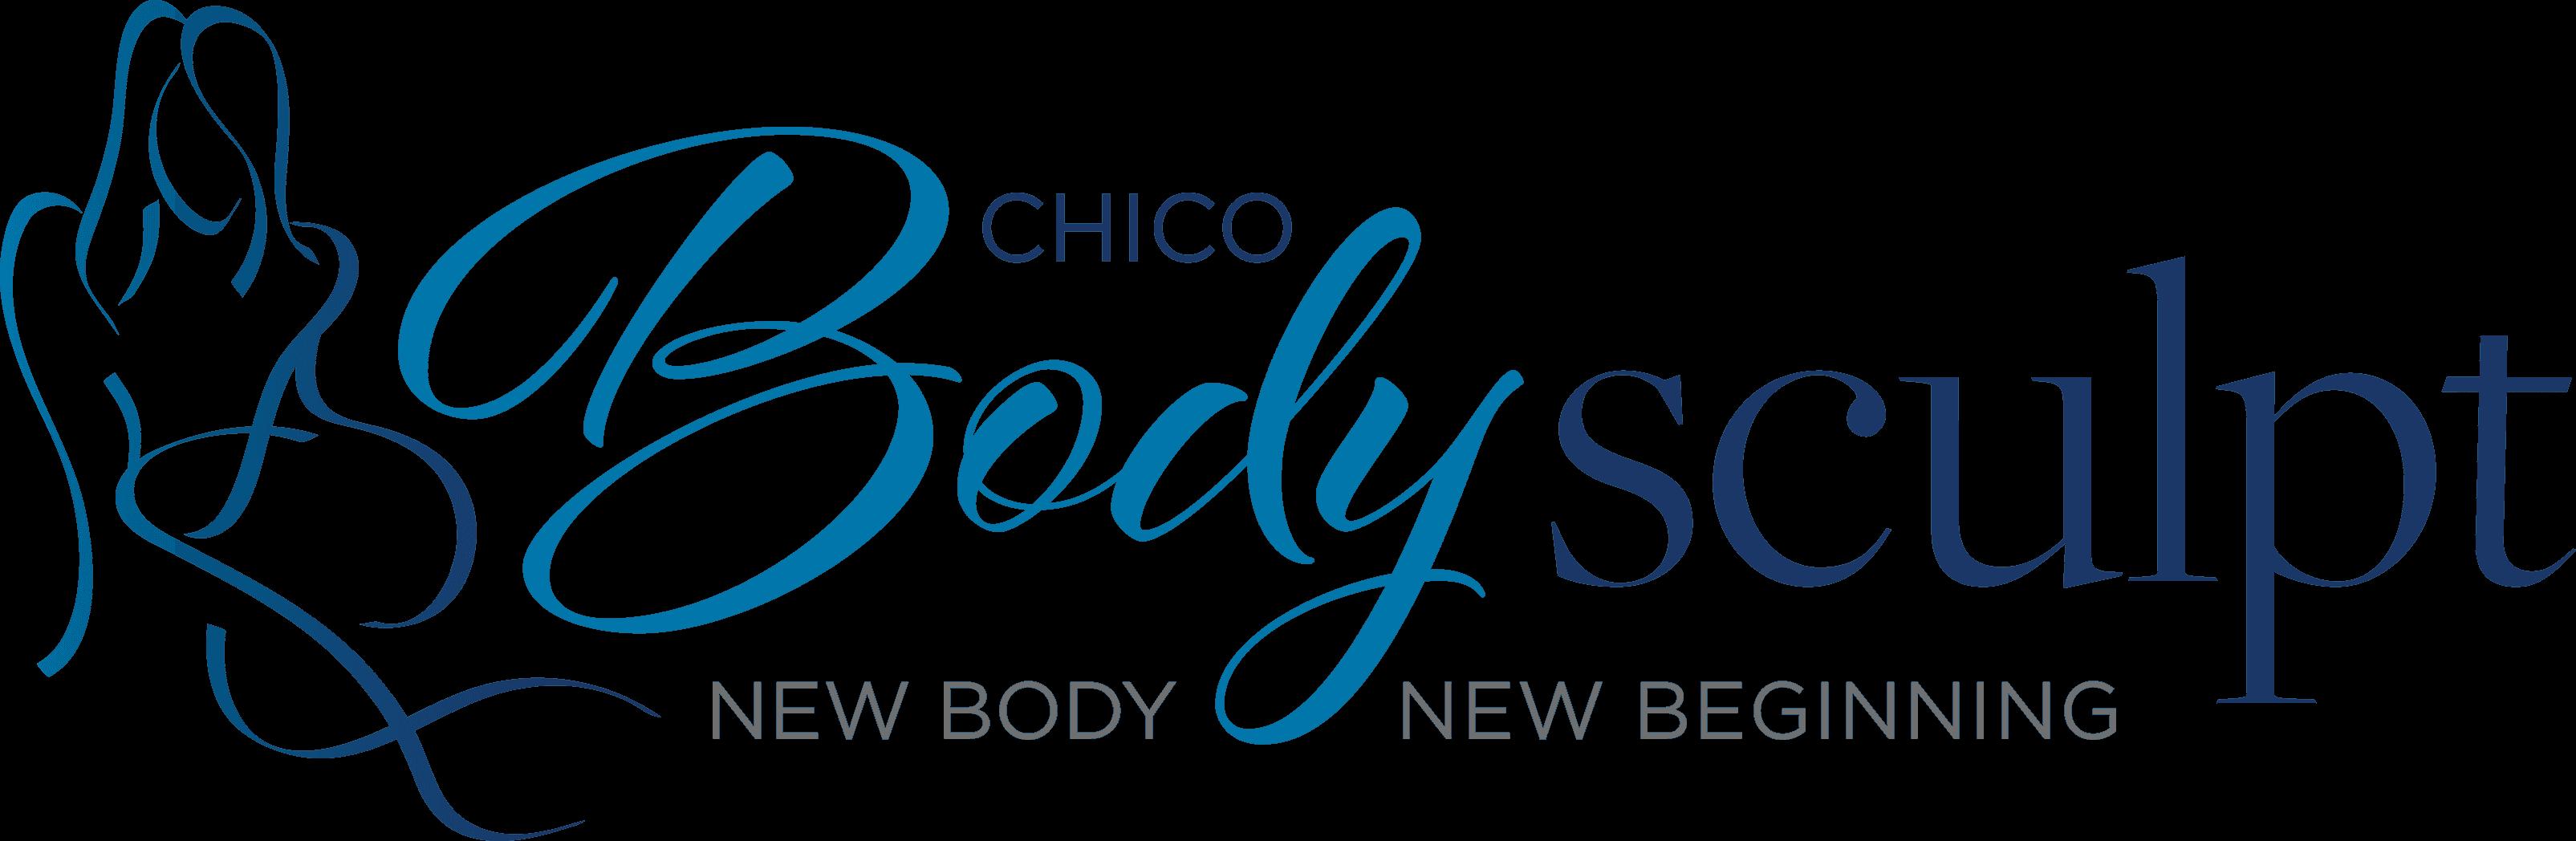 Chico Bodysculpt Logo